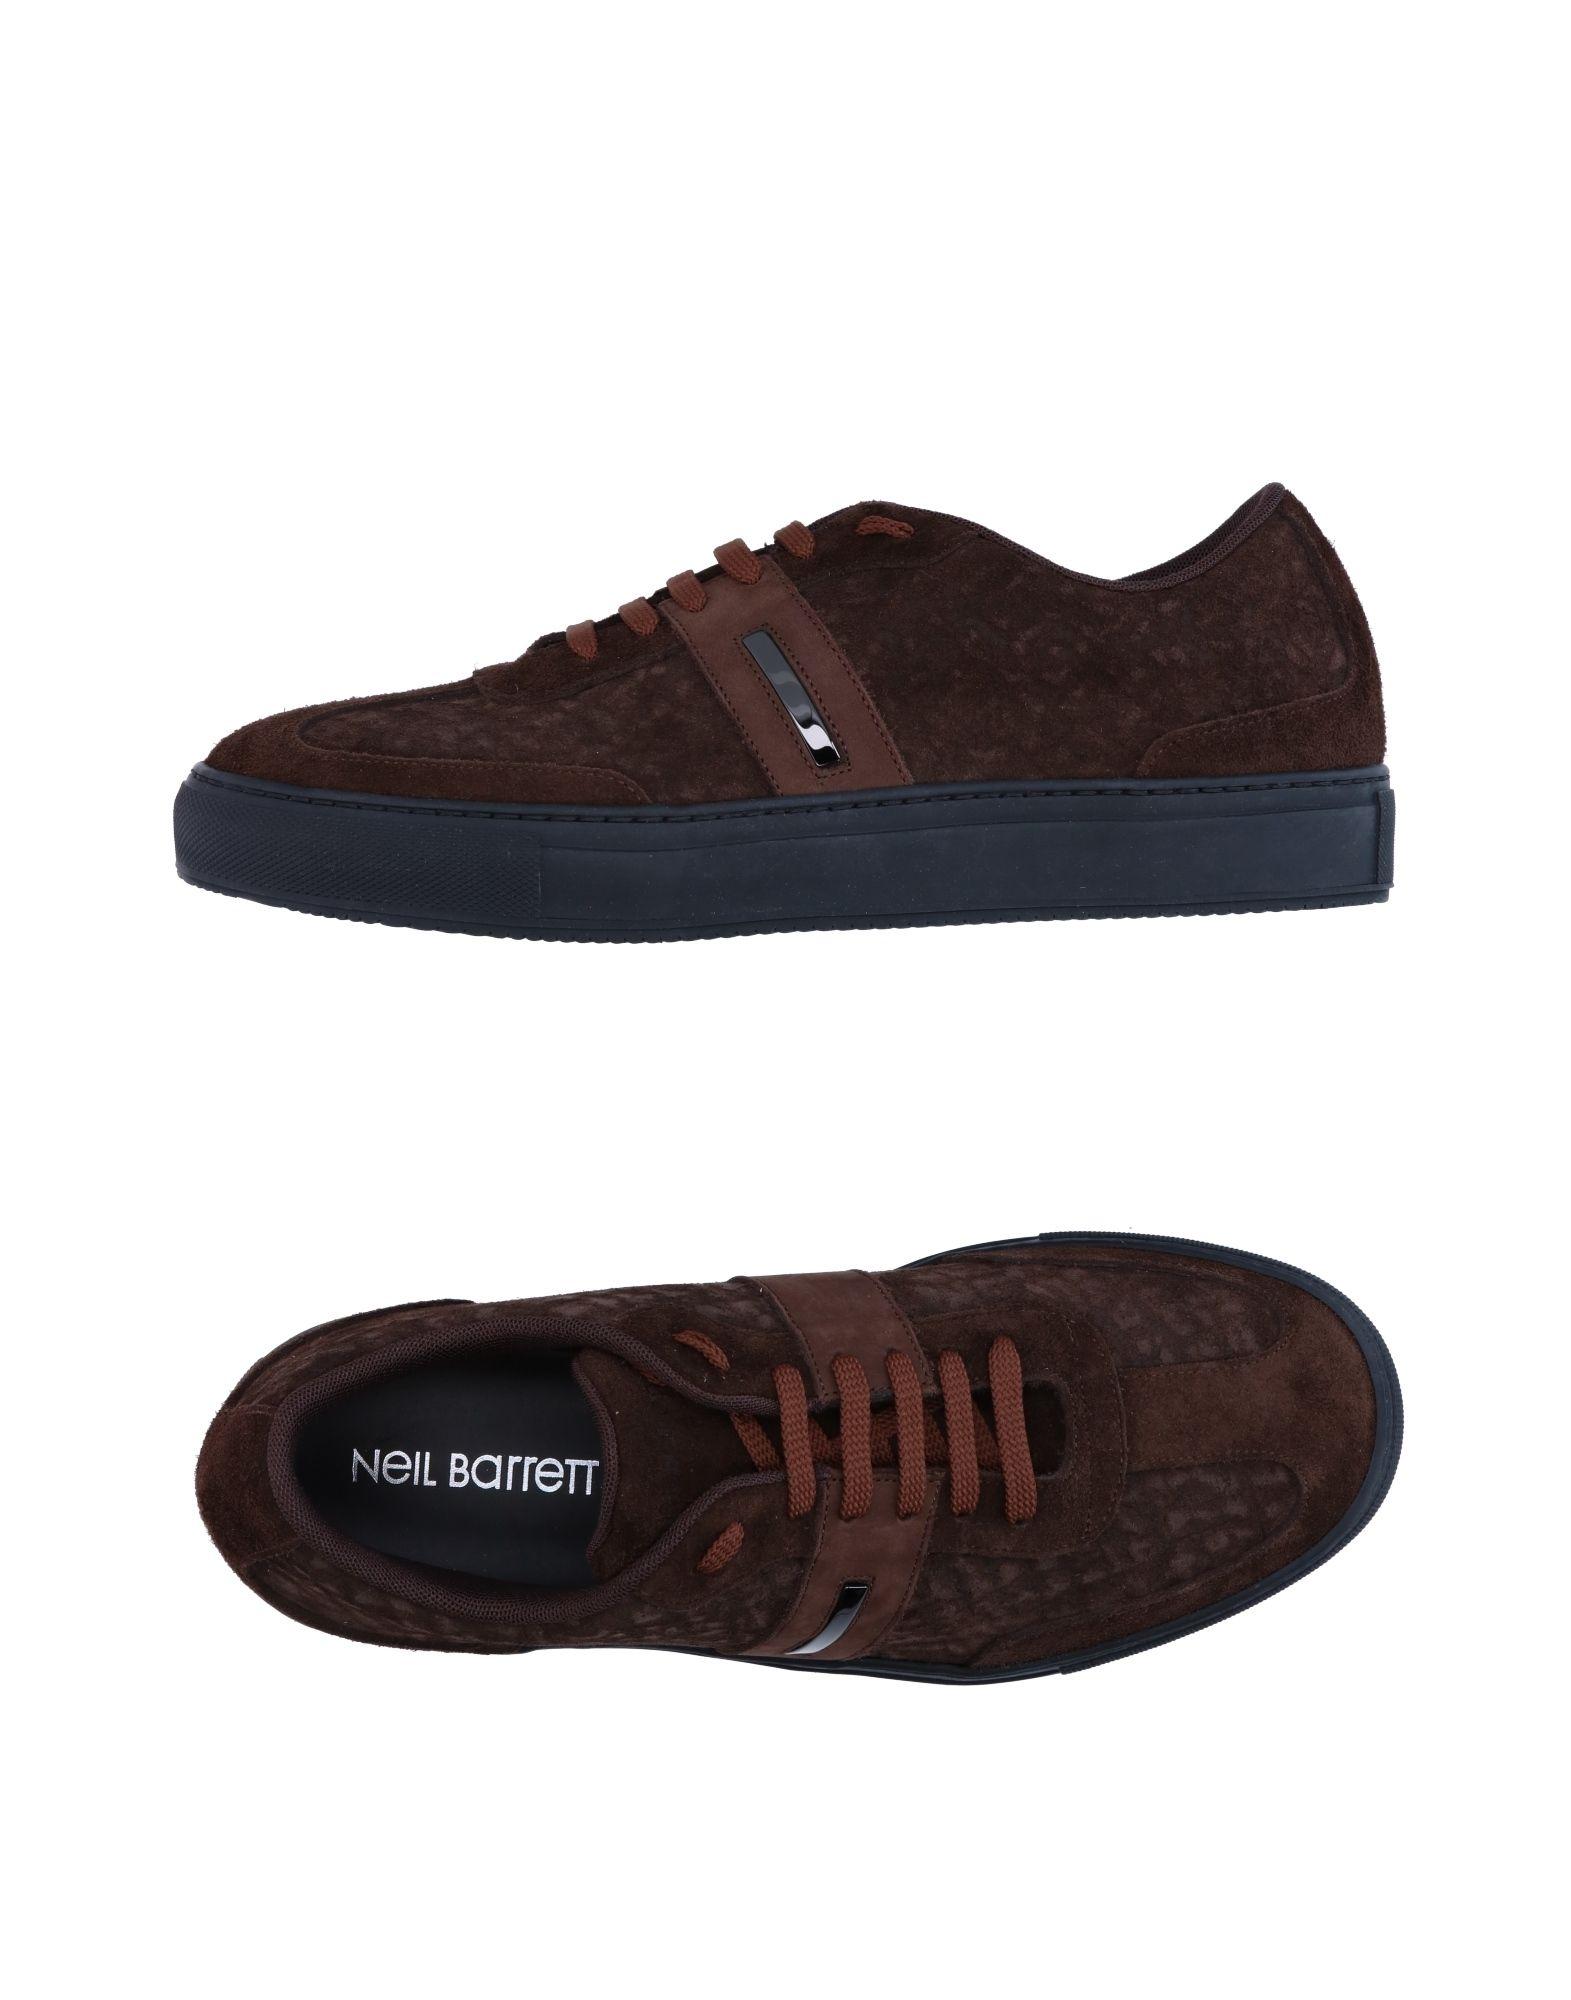 Neil Barrett Sneakers Herren  11279830CN Gute Qualität beliebte Schuhe